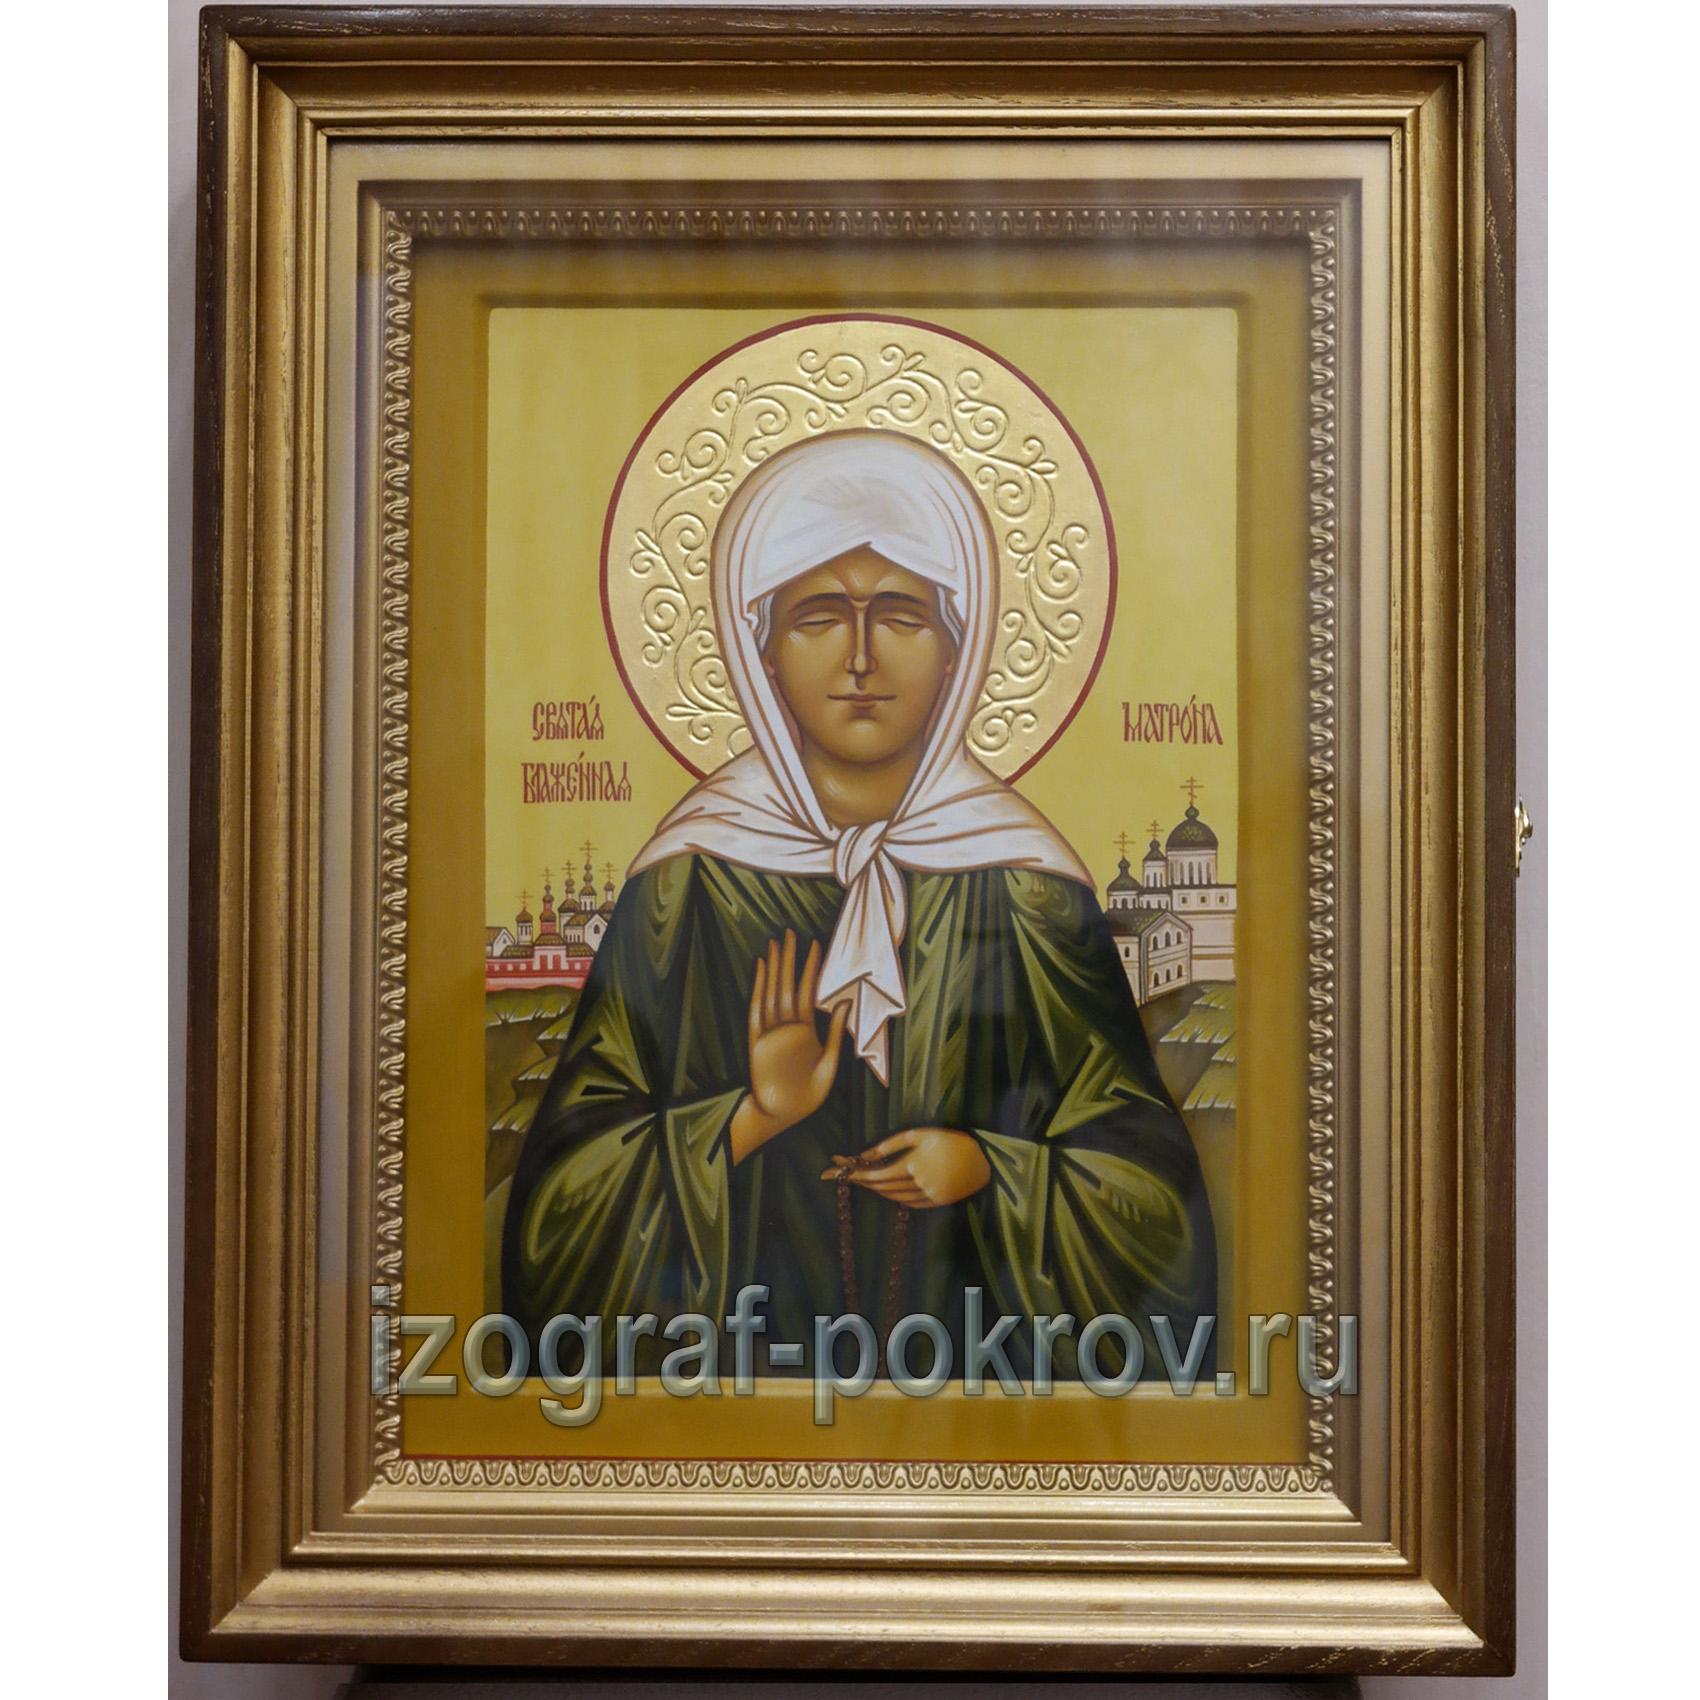 Св. блаженная Матрона Московская икона заказ в иконописной мастерской Покров при храме Покрова Пресвятой Богородицы